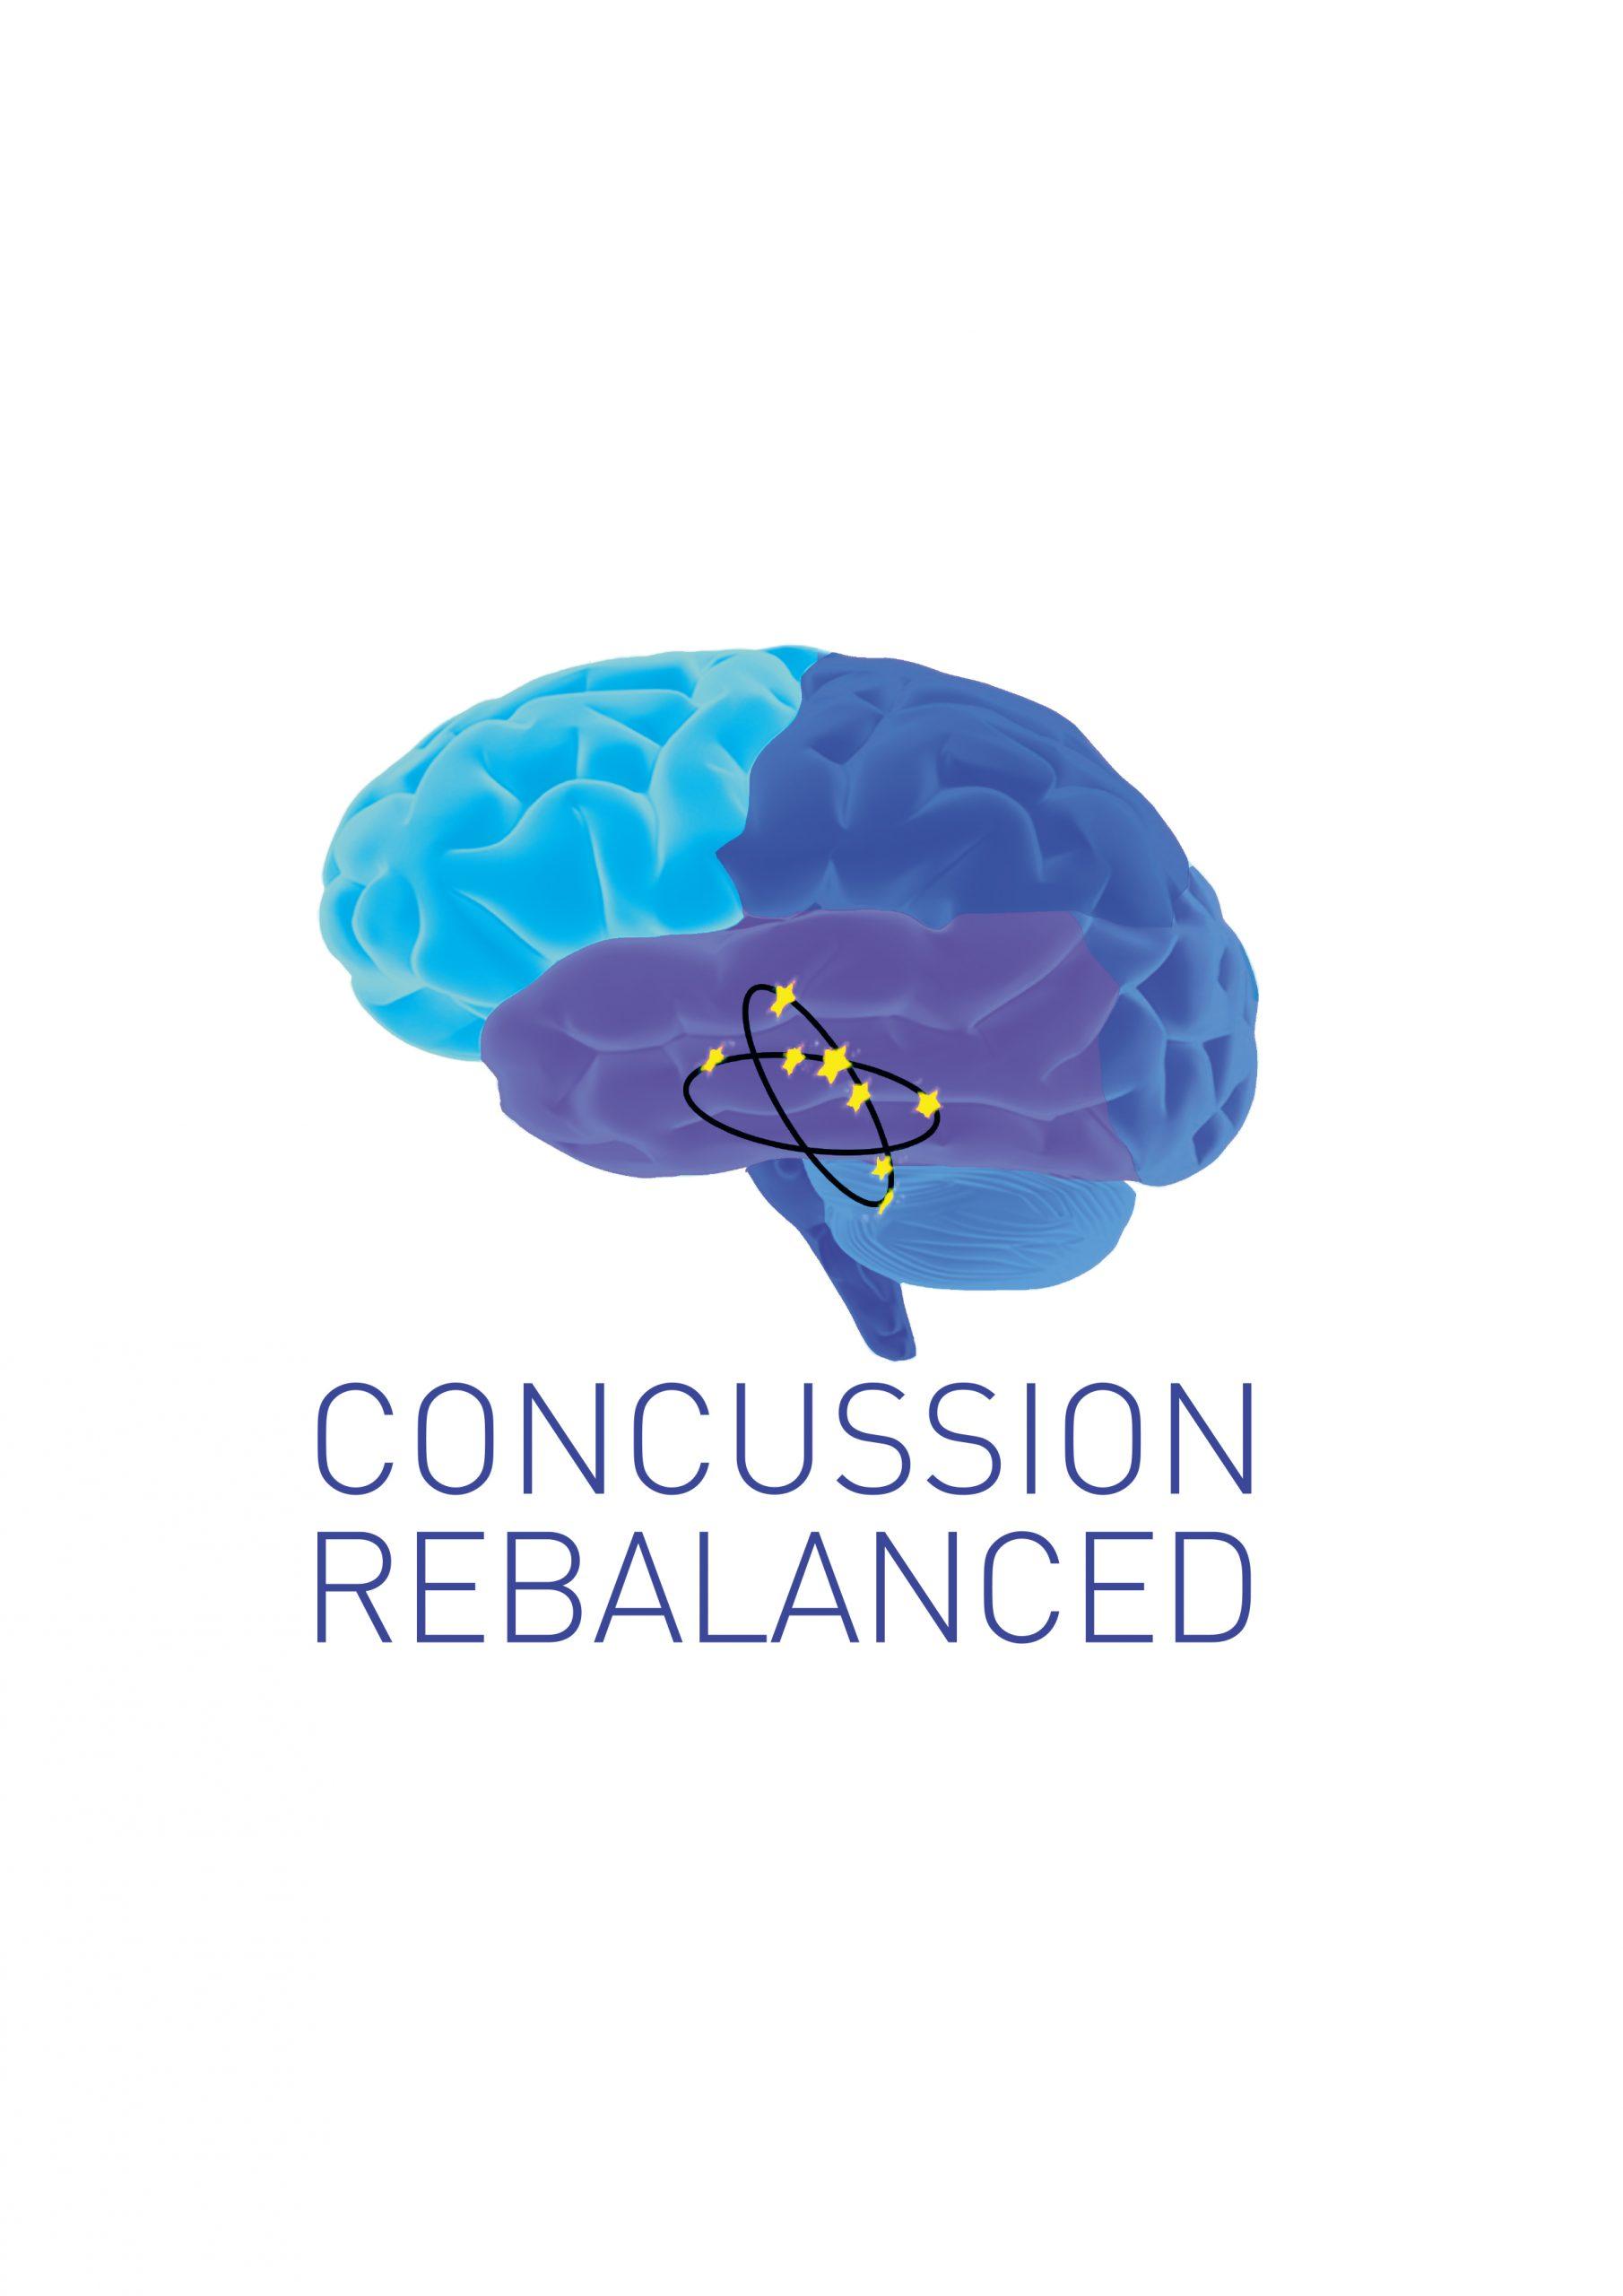 Concussion Rebalanced